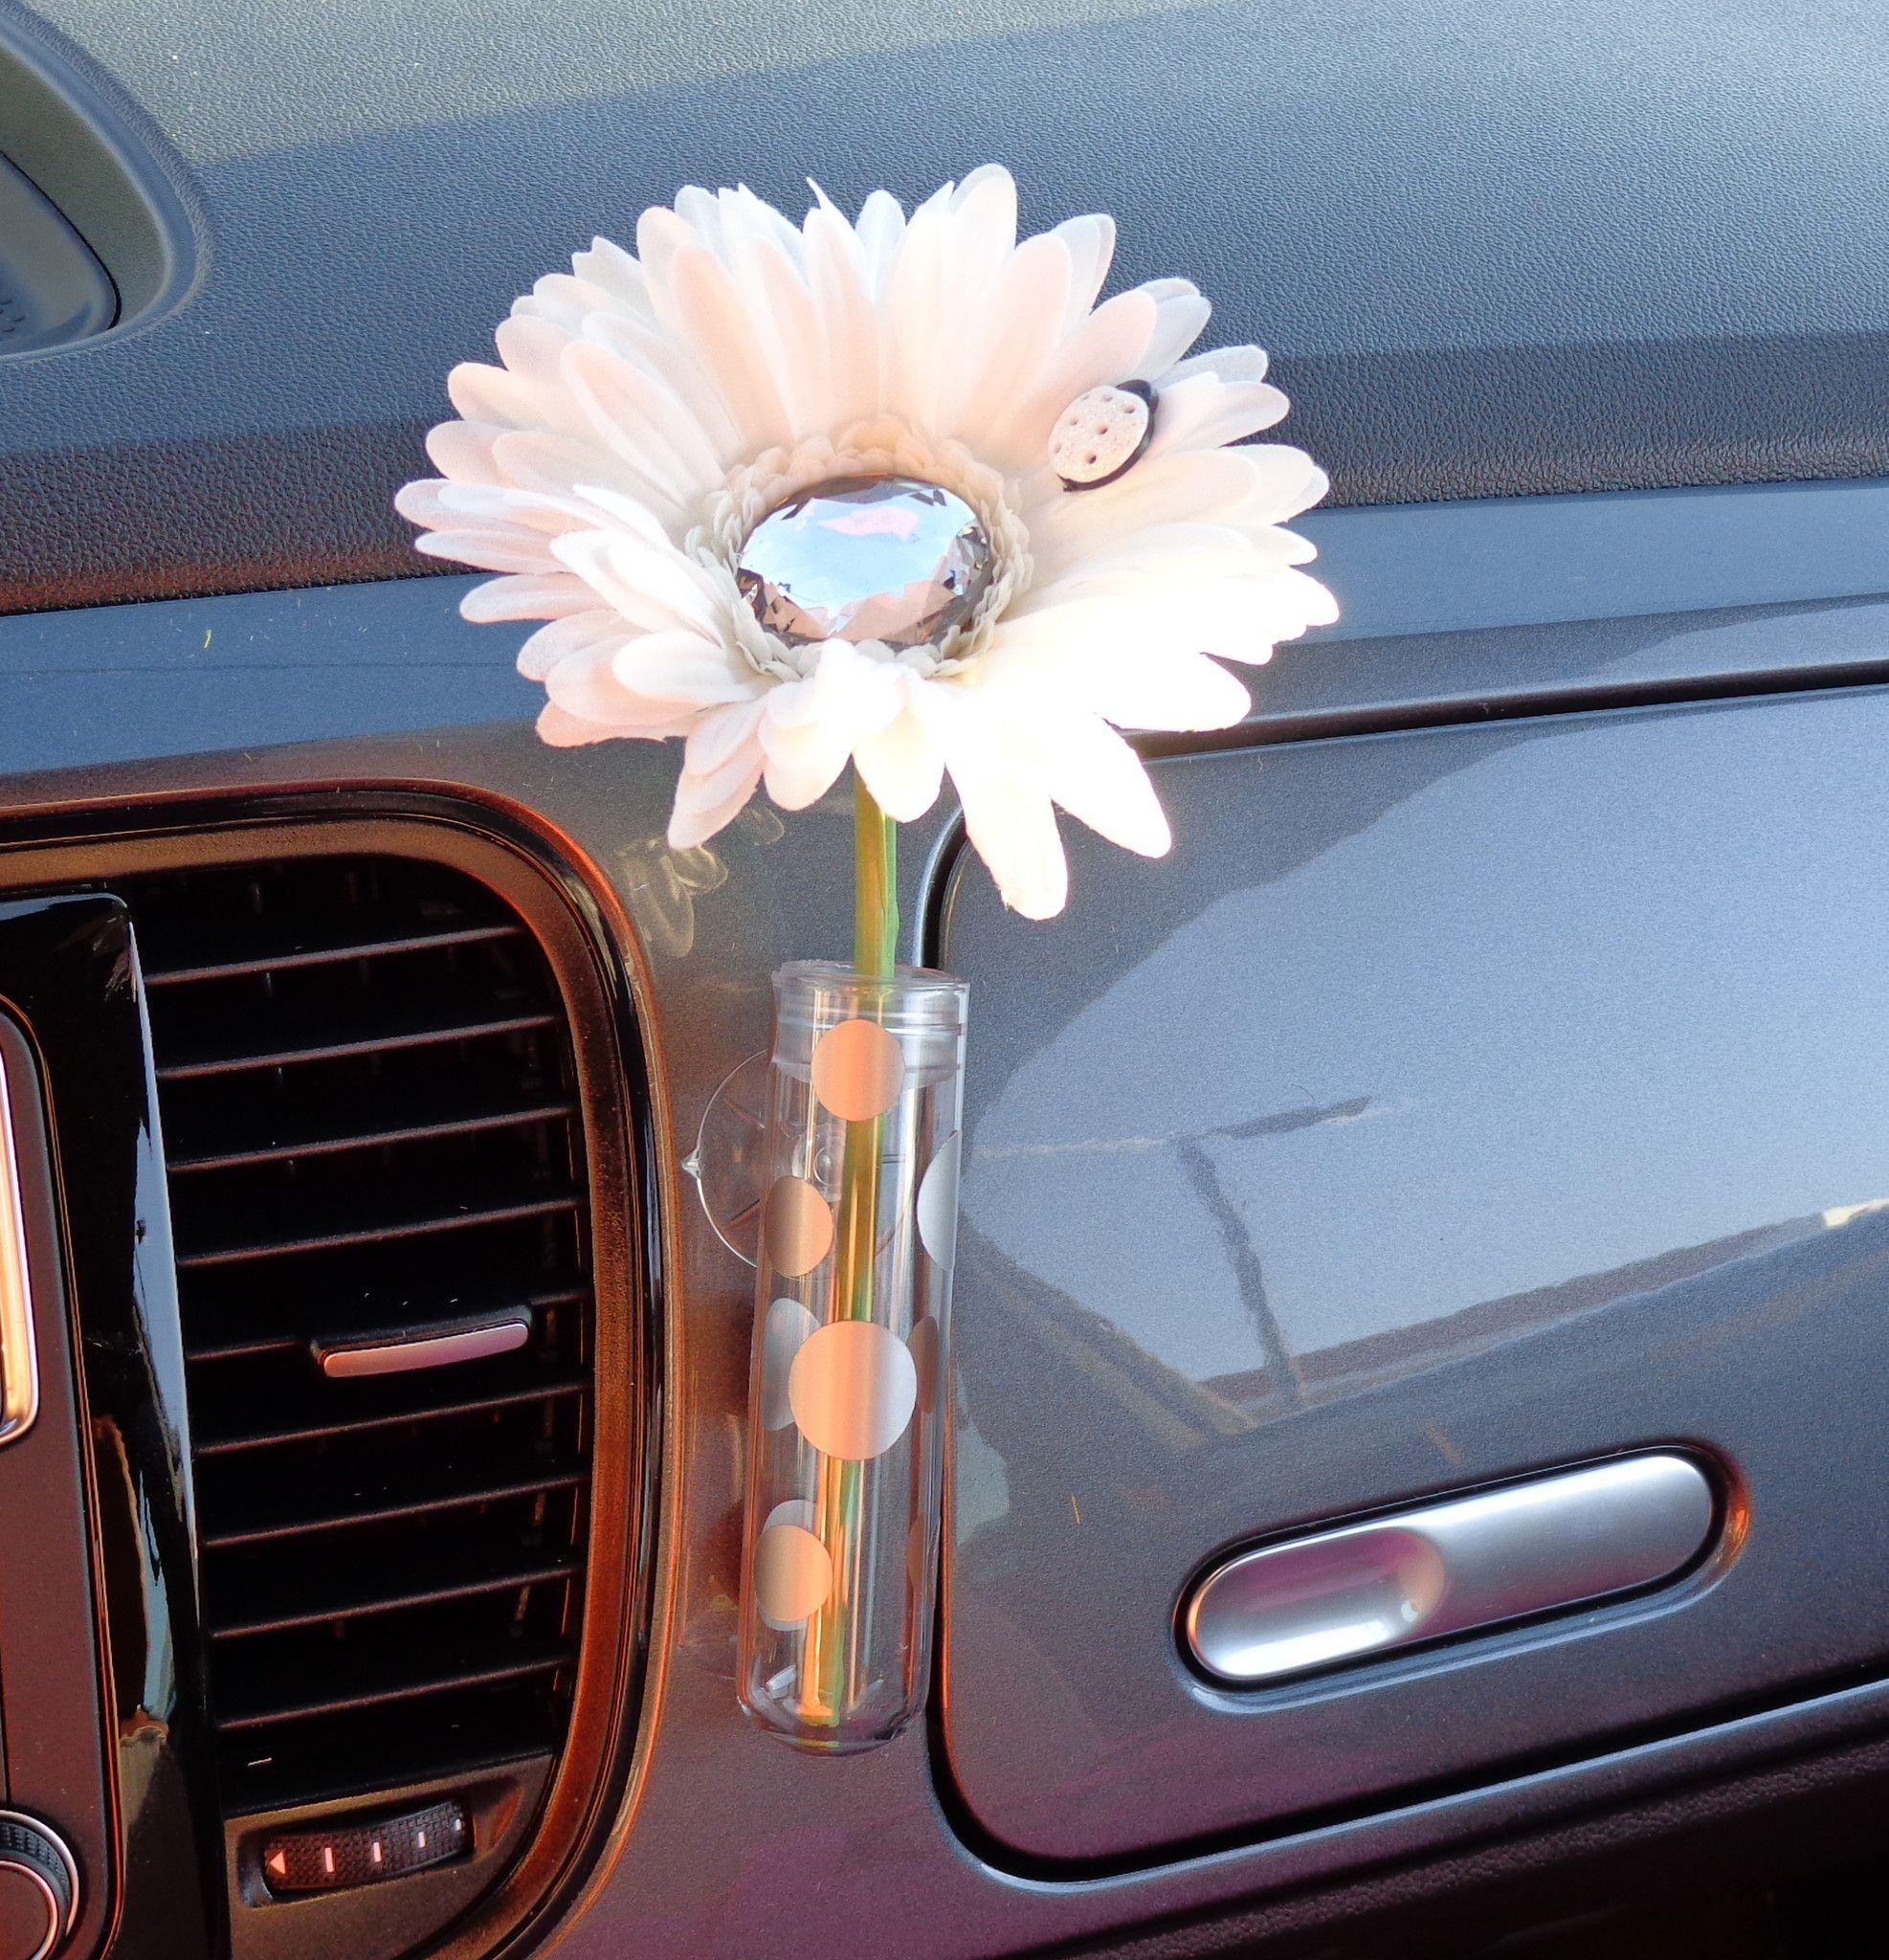 VW Flower Vase Light Blue Flowers